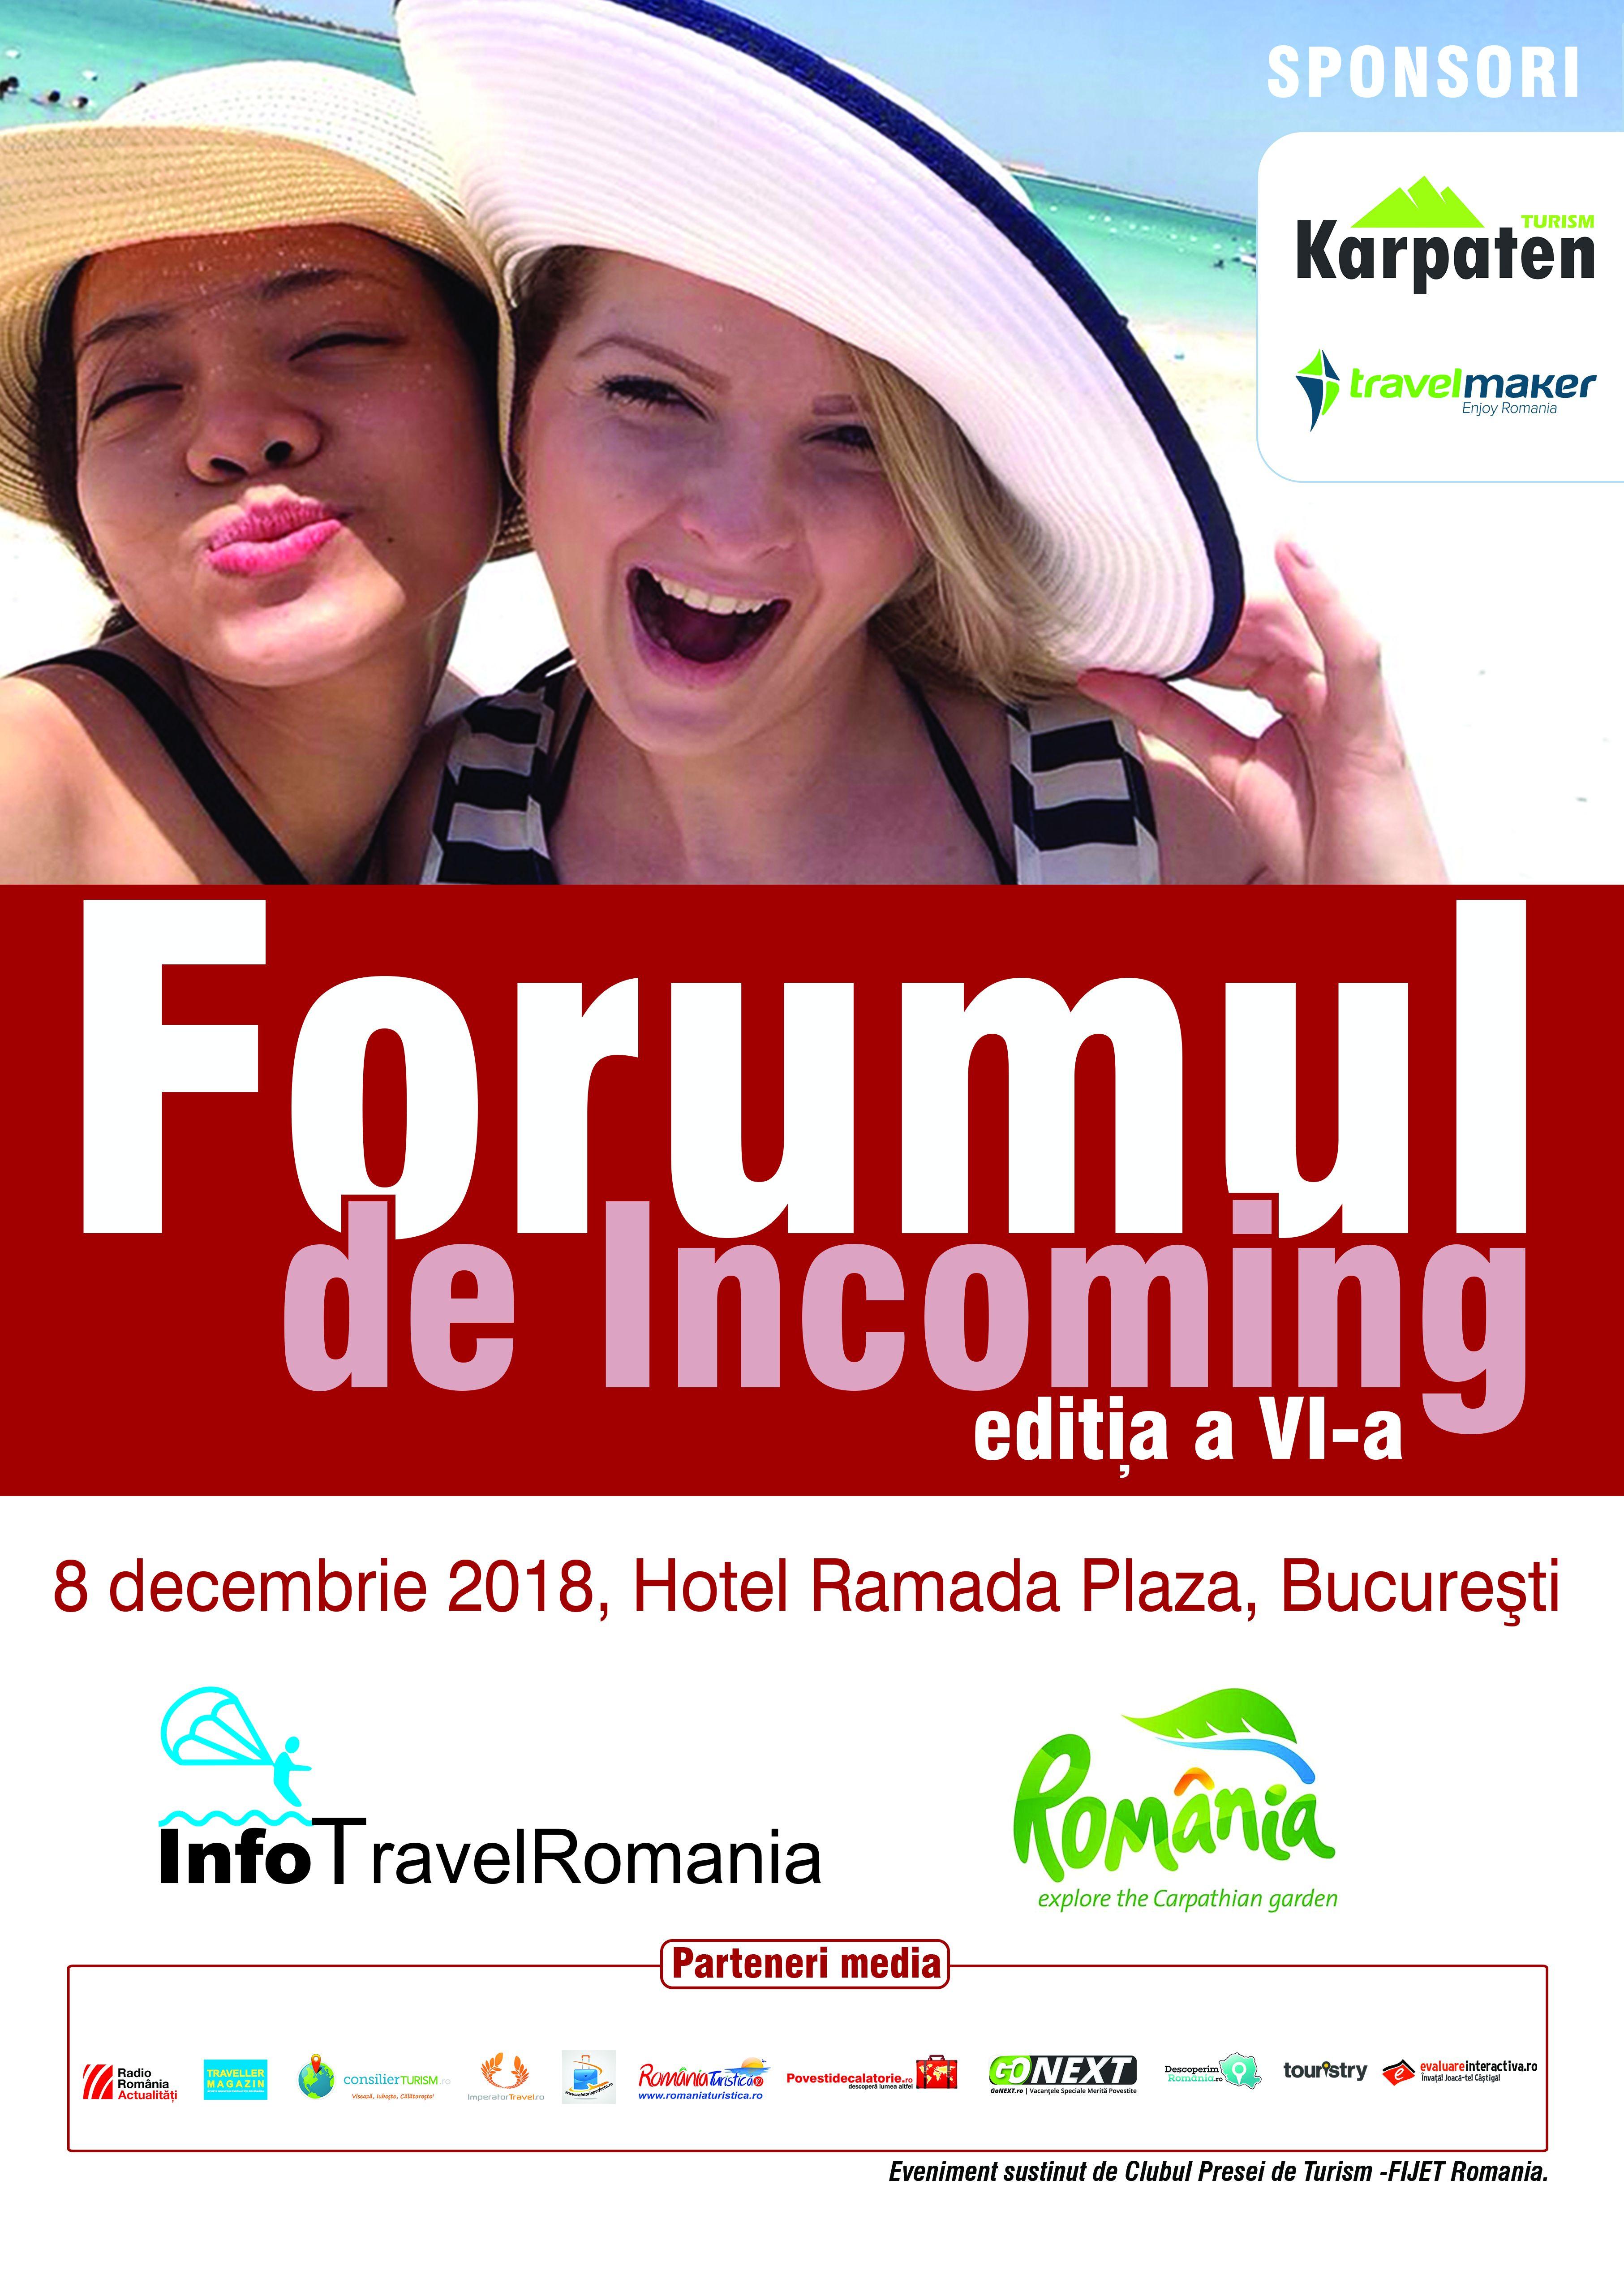 Forumul de Incoming, editia a VI-a